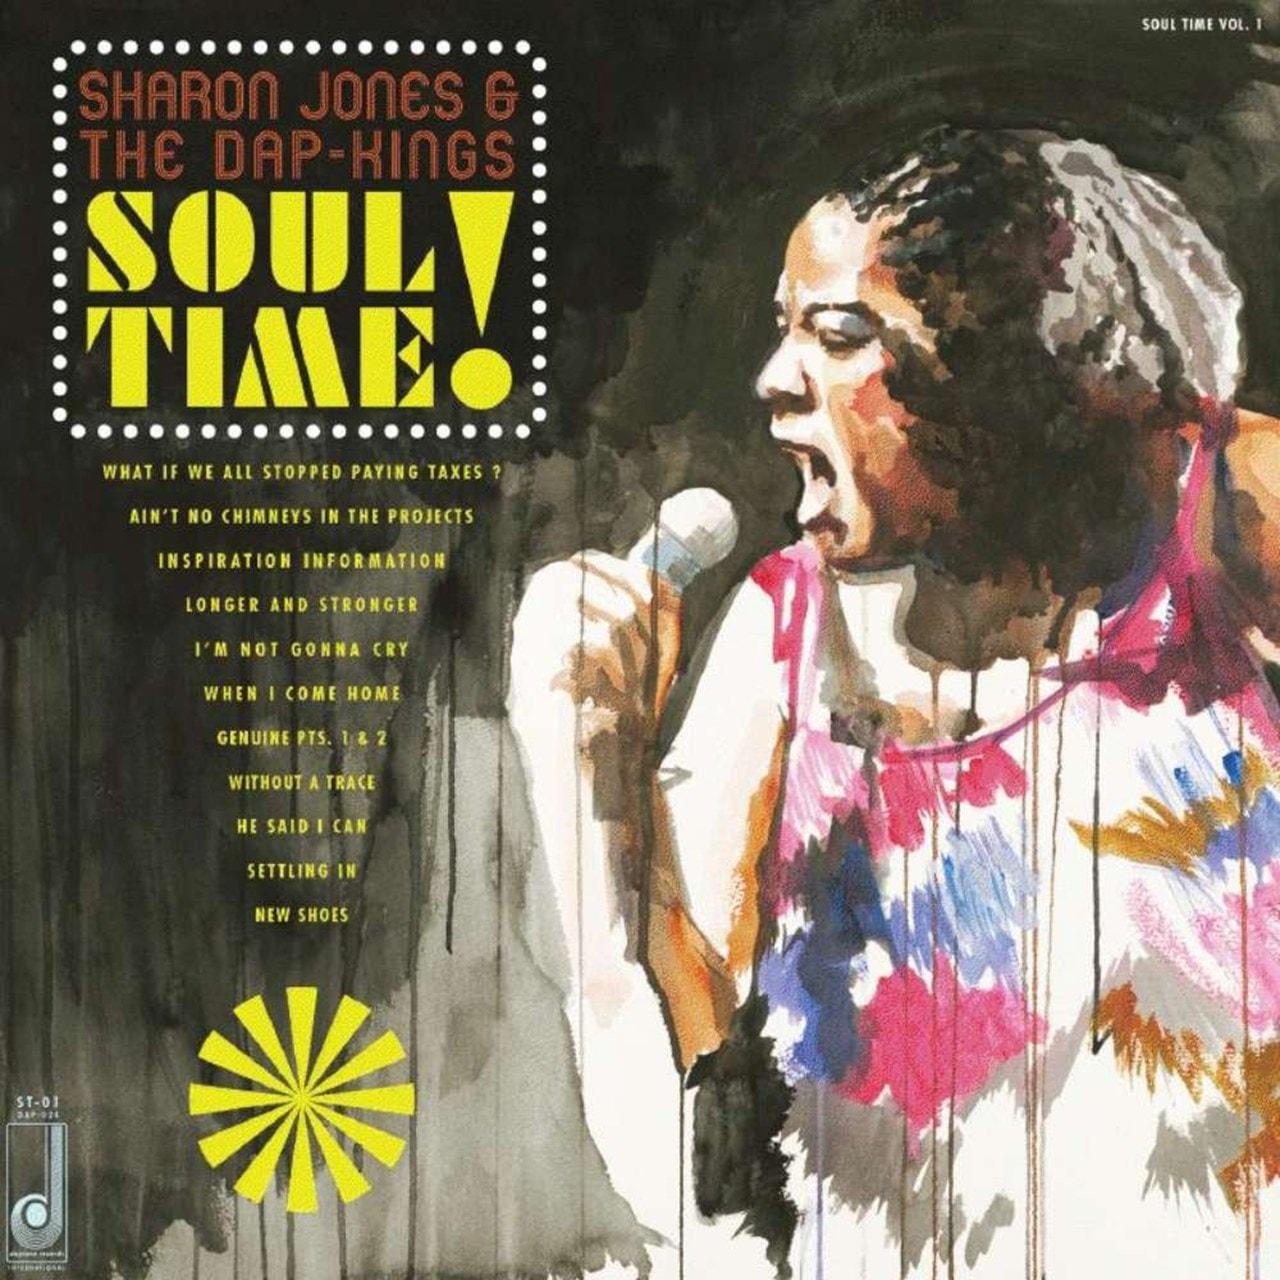 Soul Time! - 1